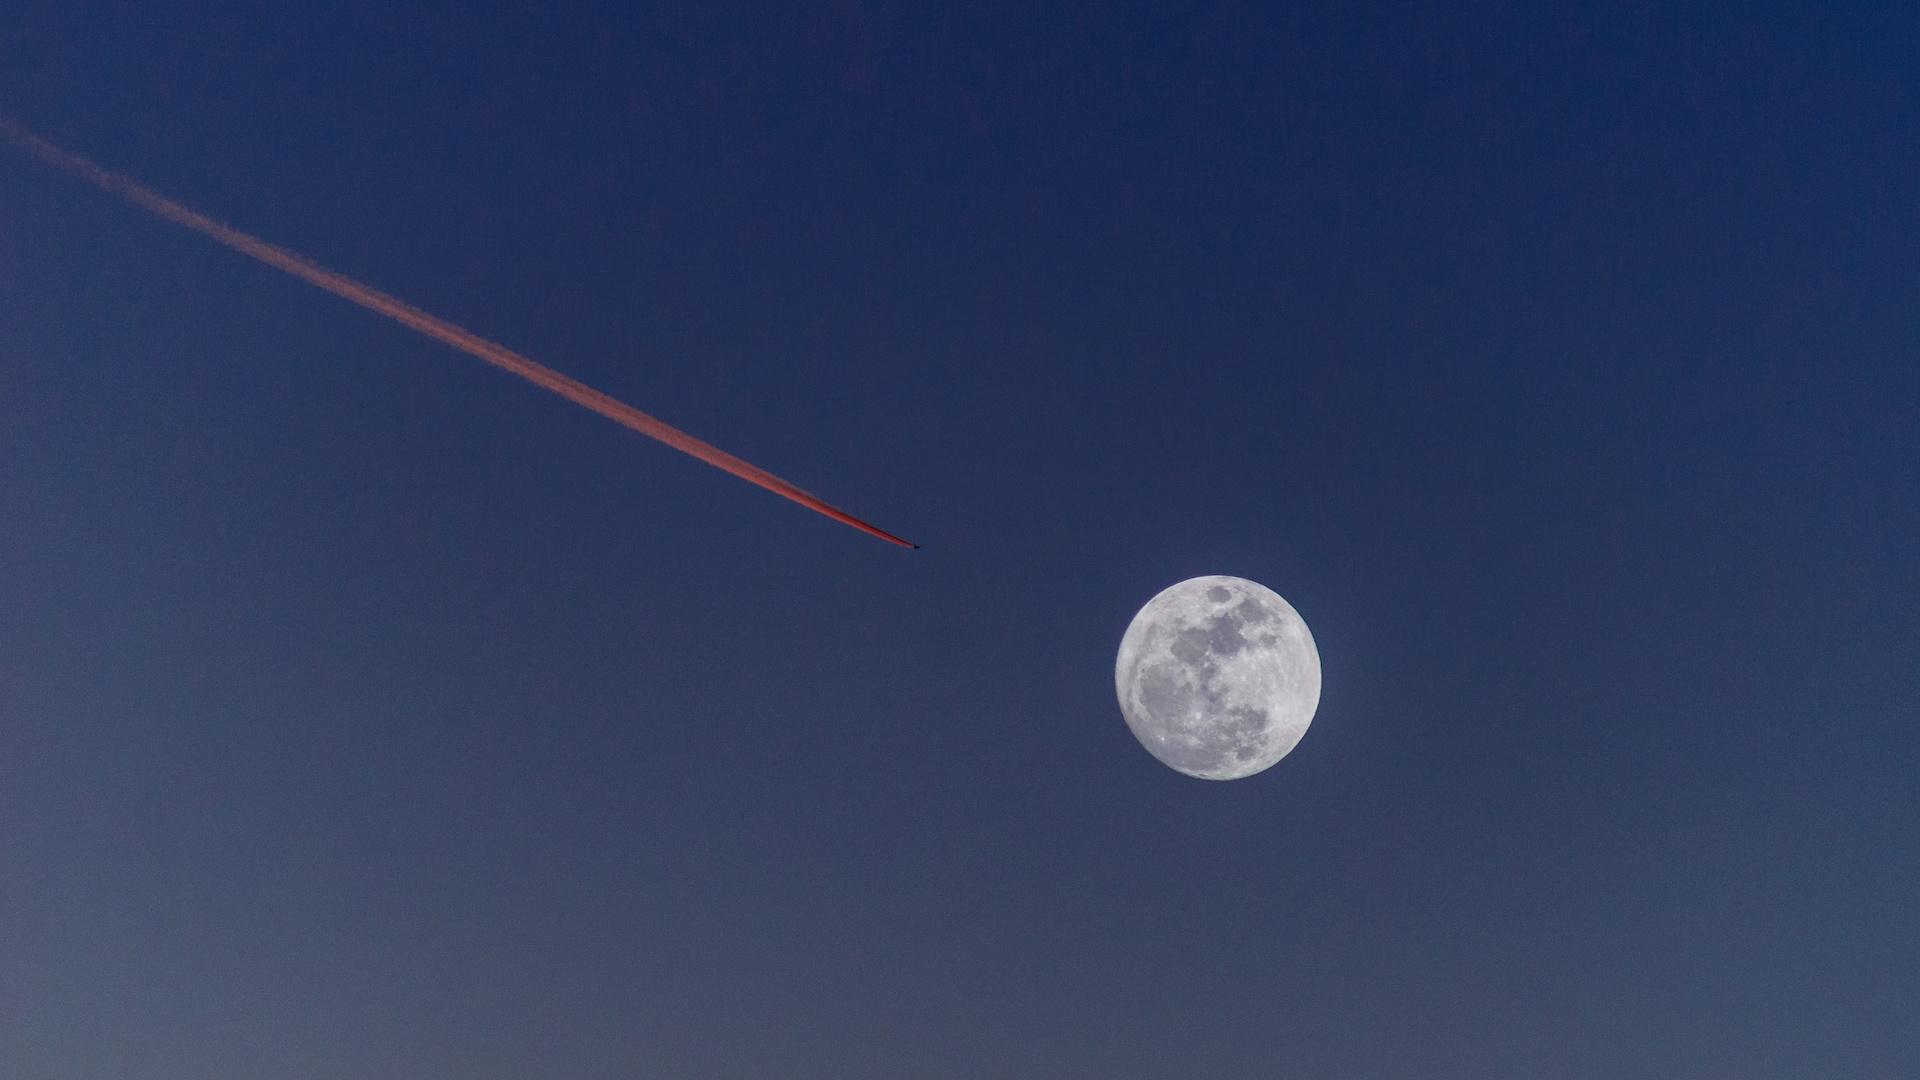 Lune, planètes, lumière zodiacale : que voir dans le ciel en septembre 2019 ?